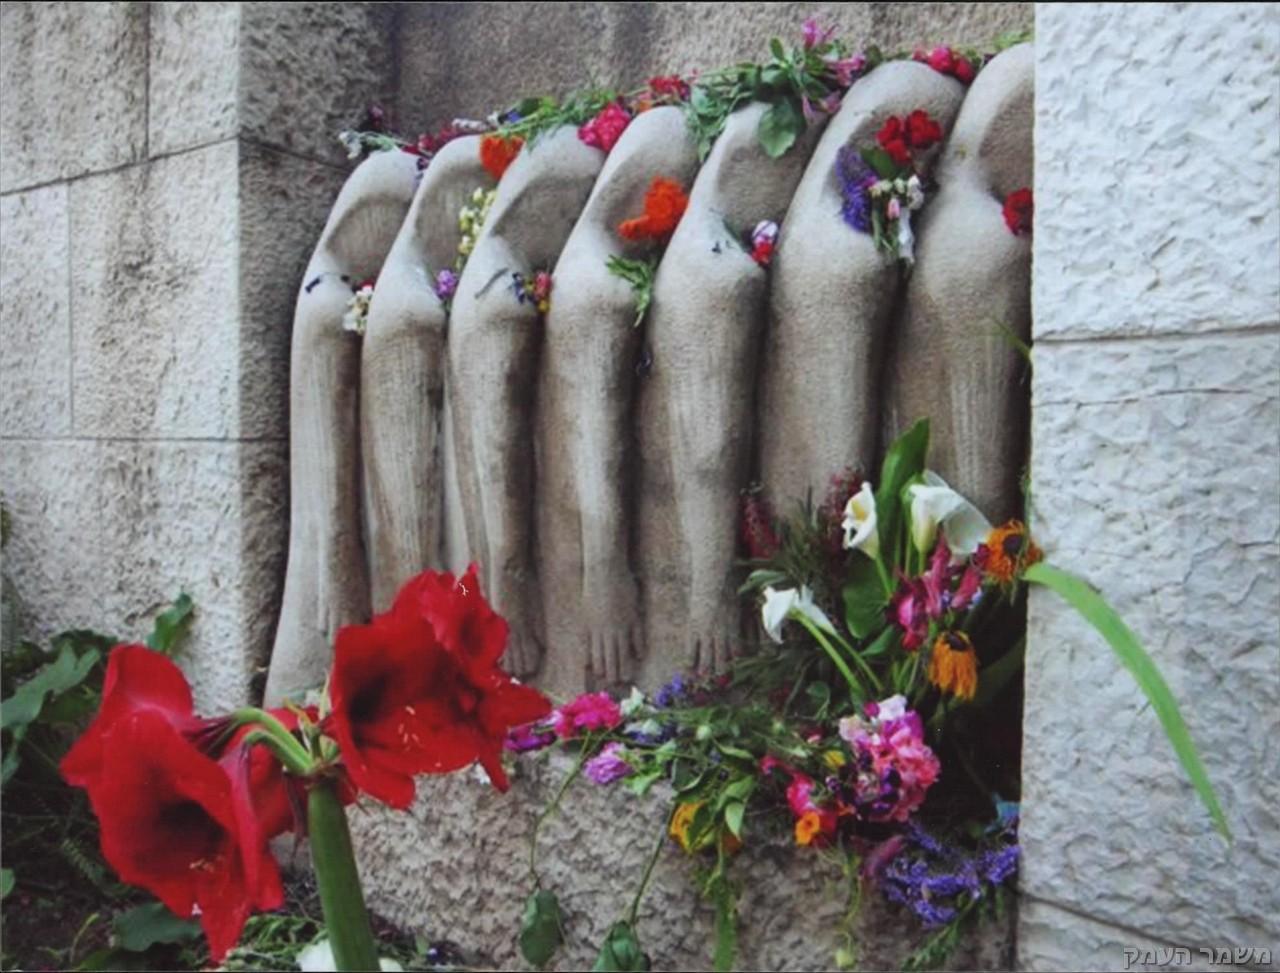 רגע אחרי טקס  הזיכרון לשואה ולגבורה בפינת הגולה